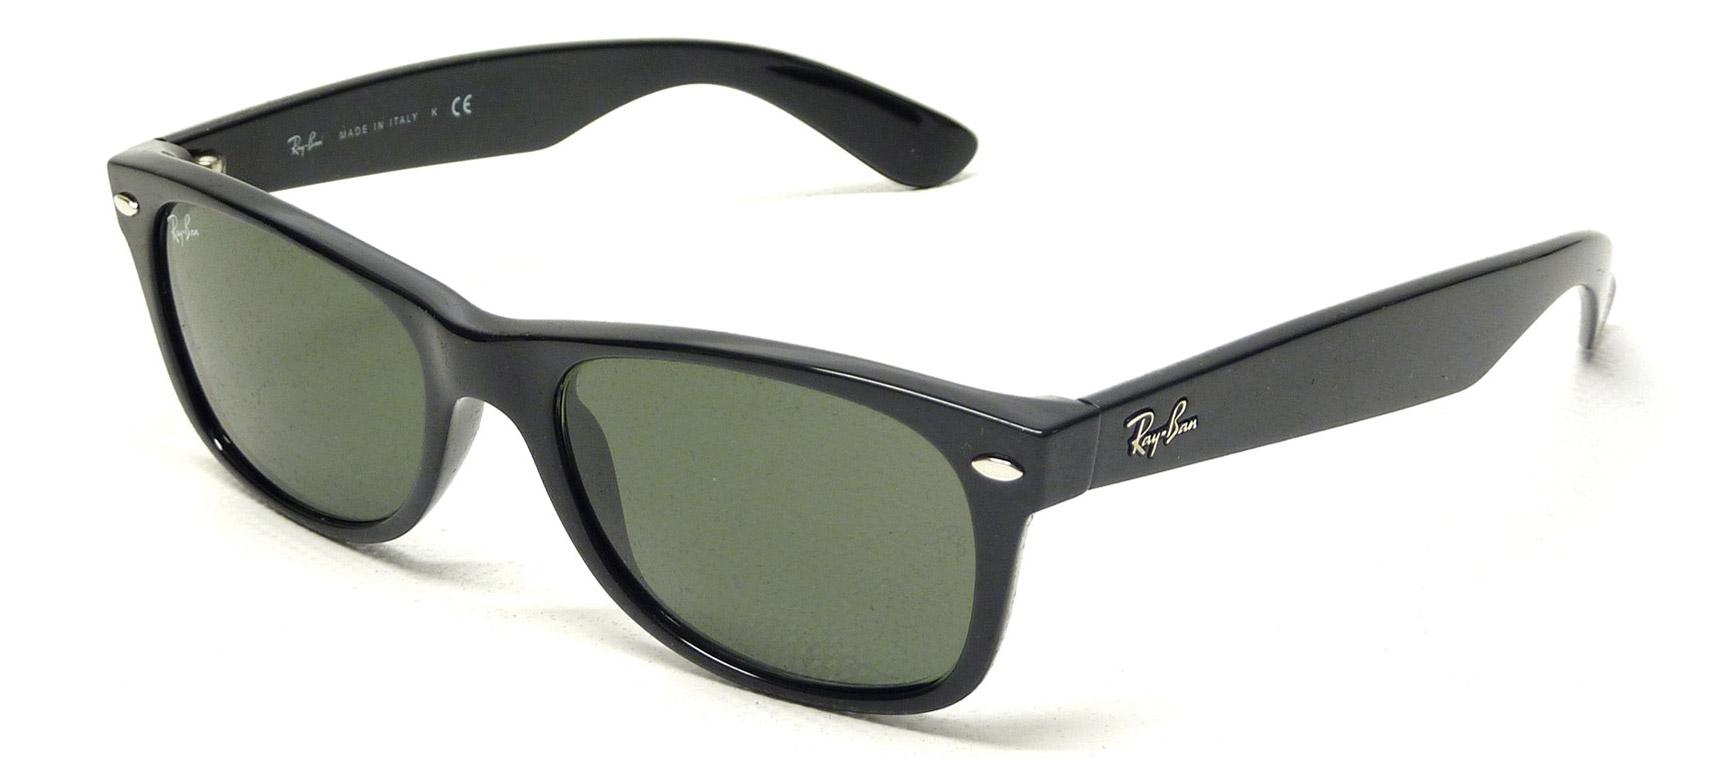 ray ban occhiali da sole ottica ticinese lugano